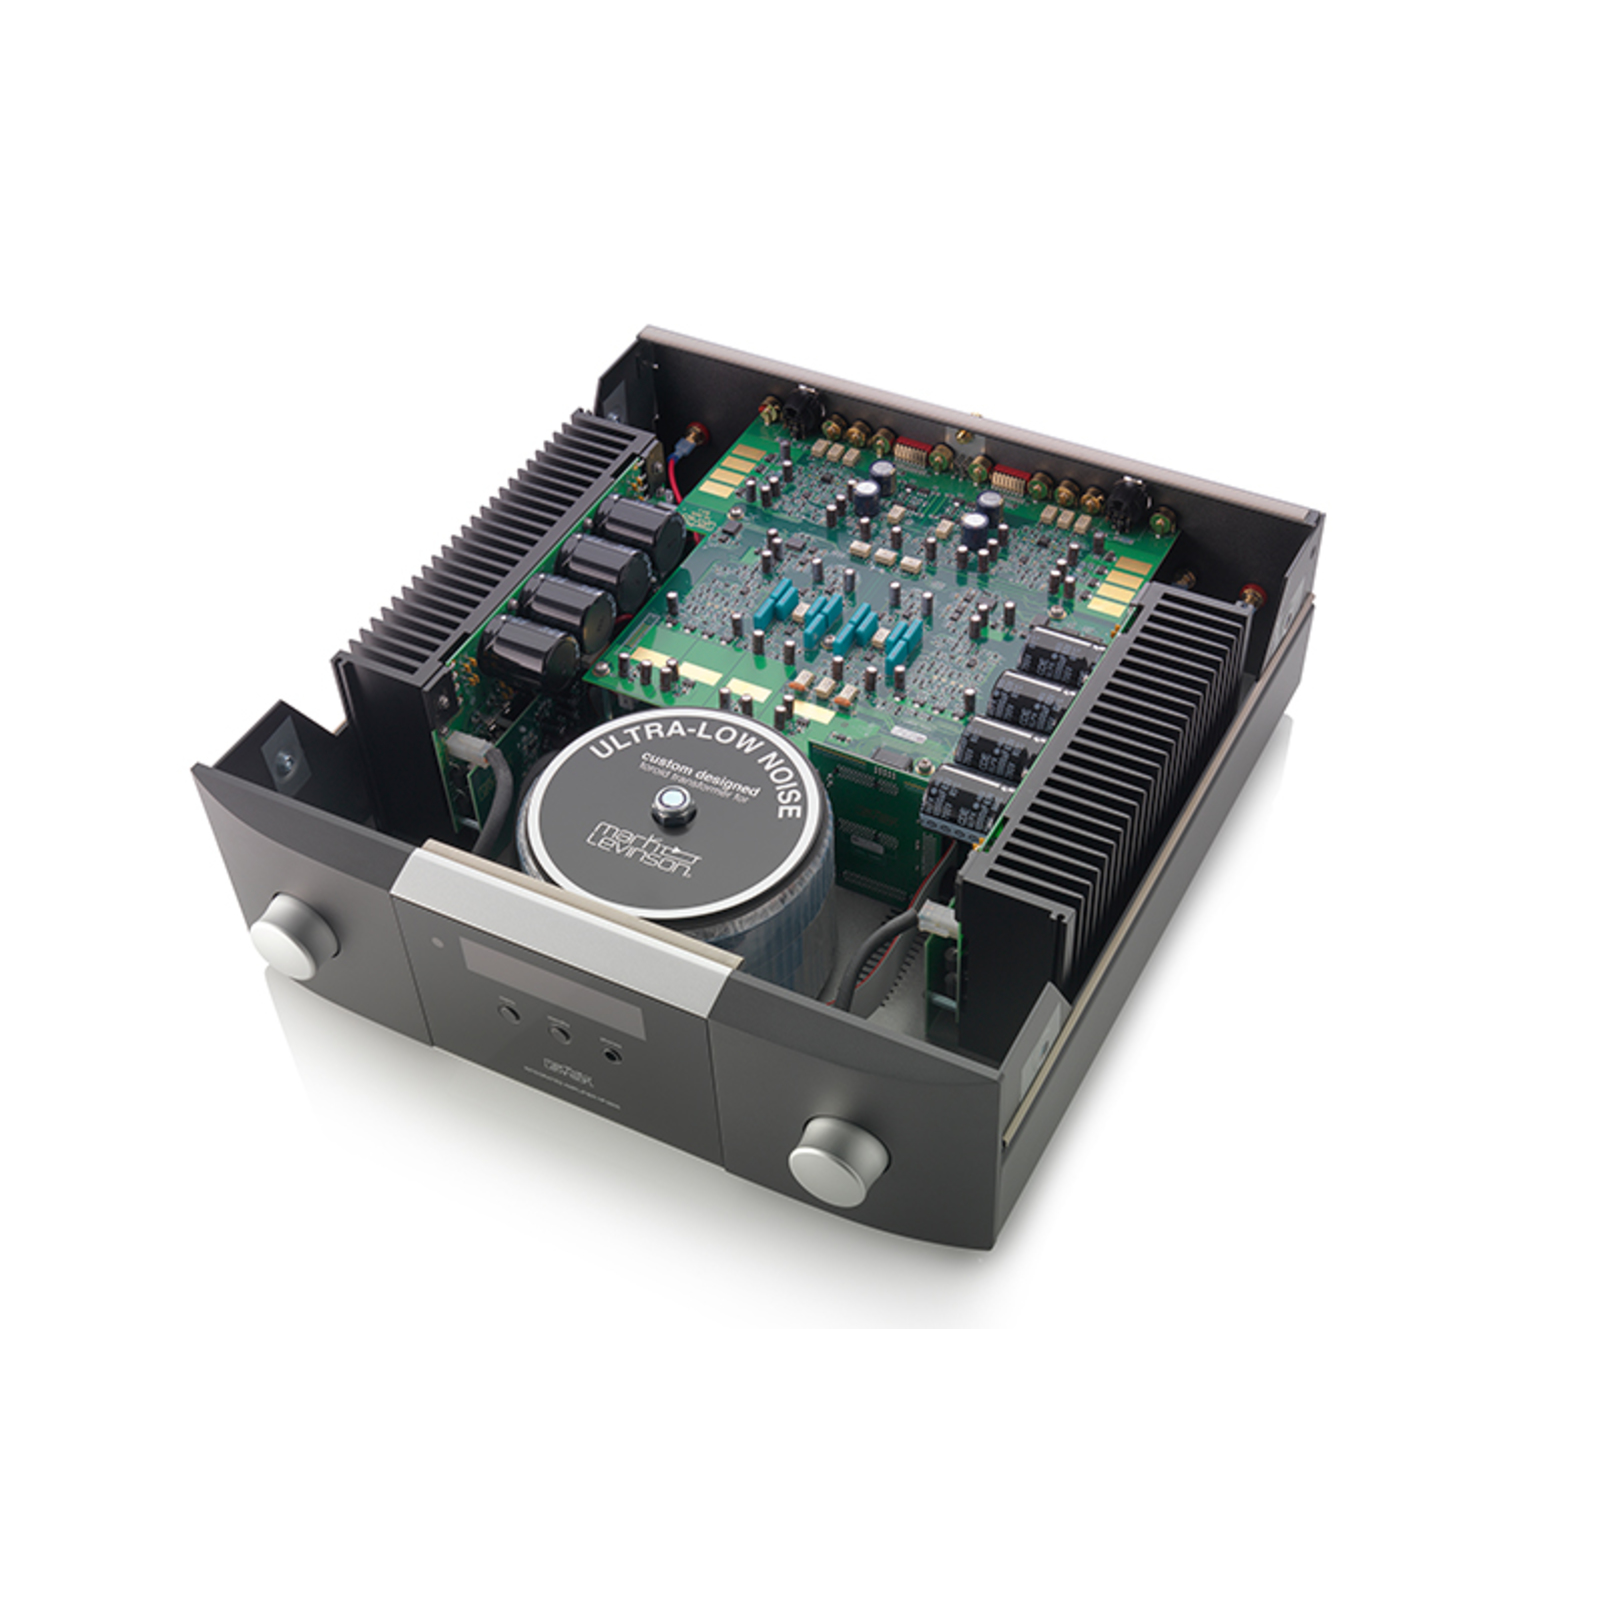 № 5805 - Black / Silver - Integrated Amplifier for Digital and Analog sources - Detailshot 1